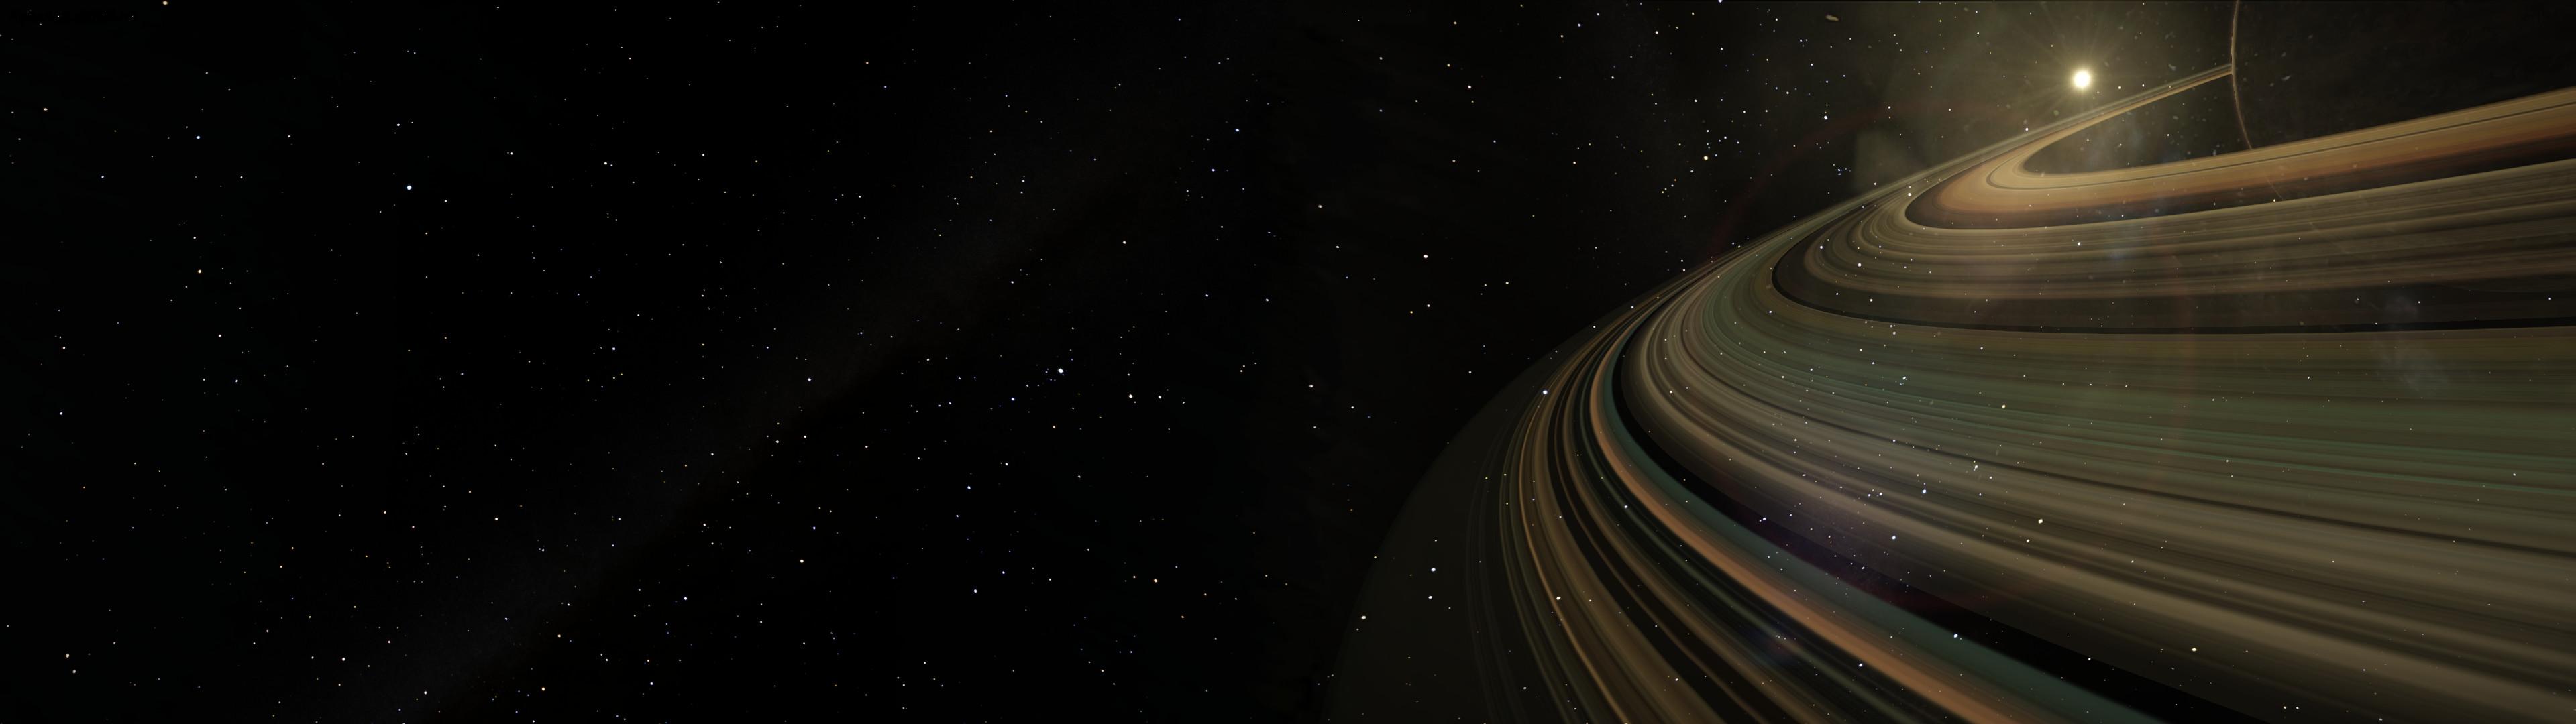 Asellus3Rings-by-Cmdr-Erik-Marcaigh …